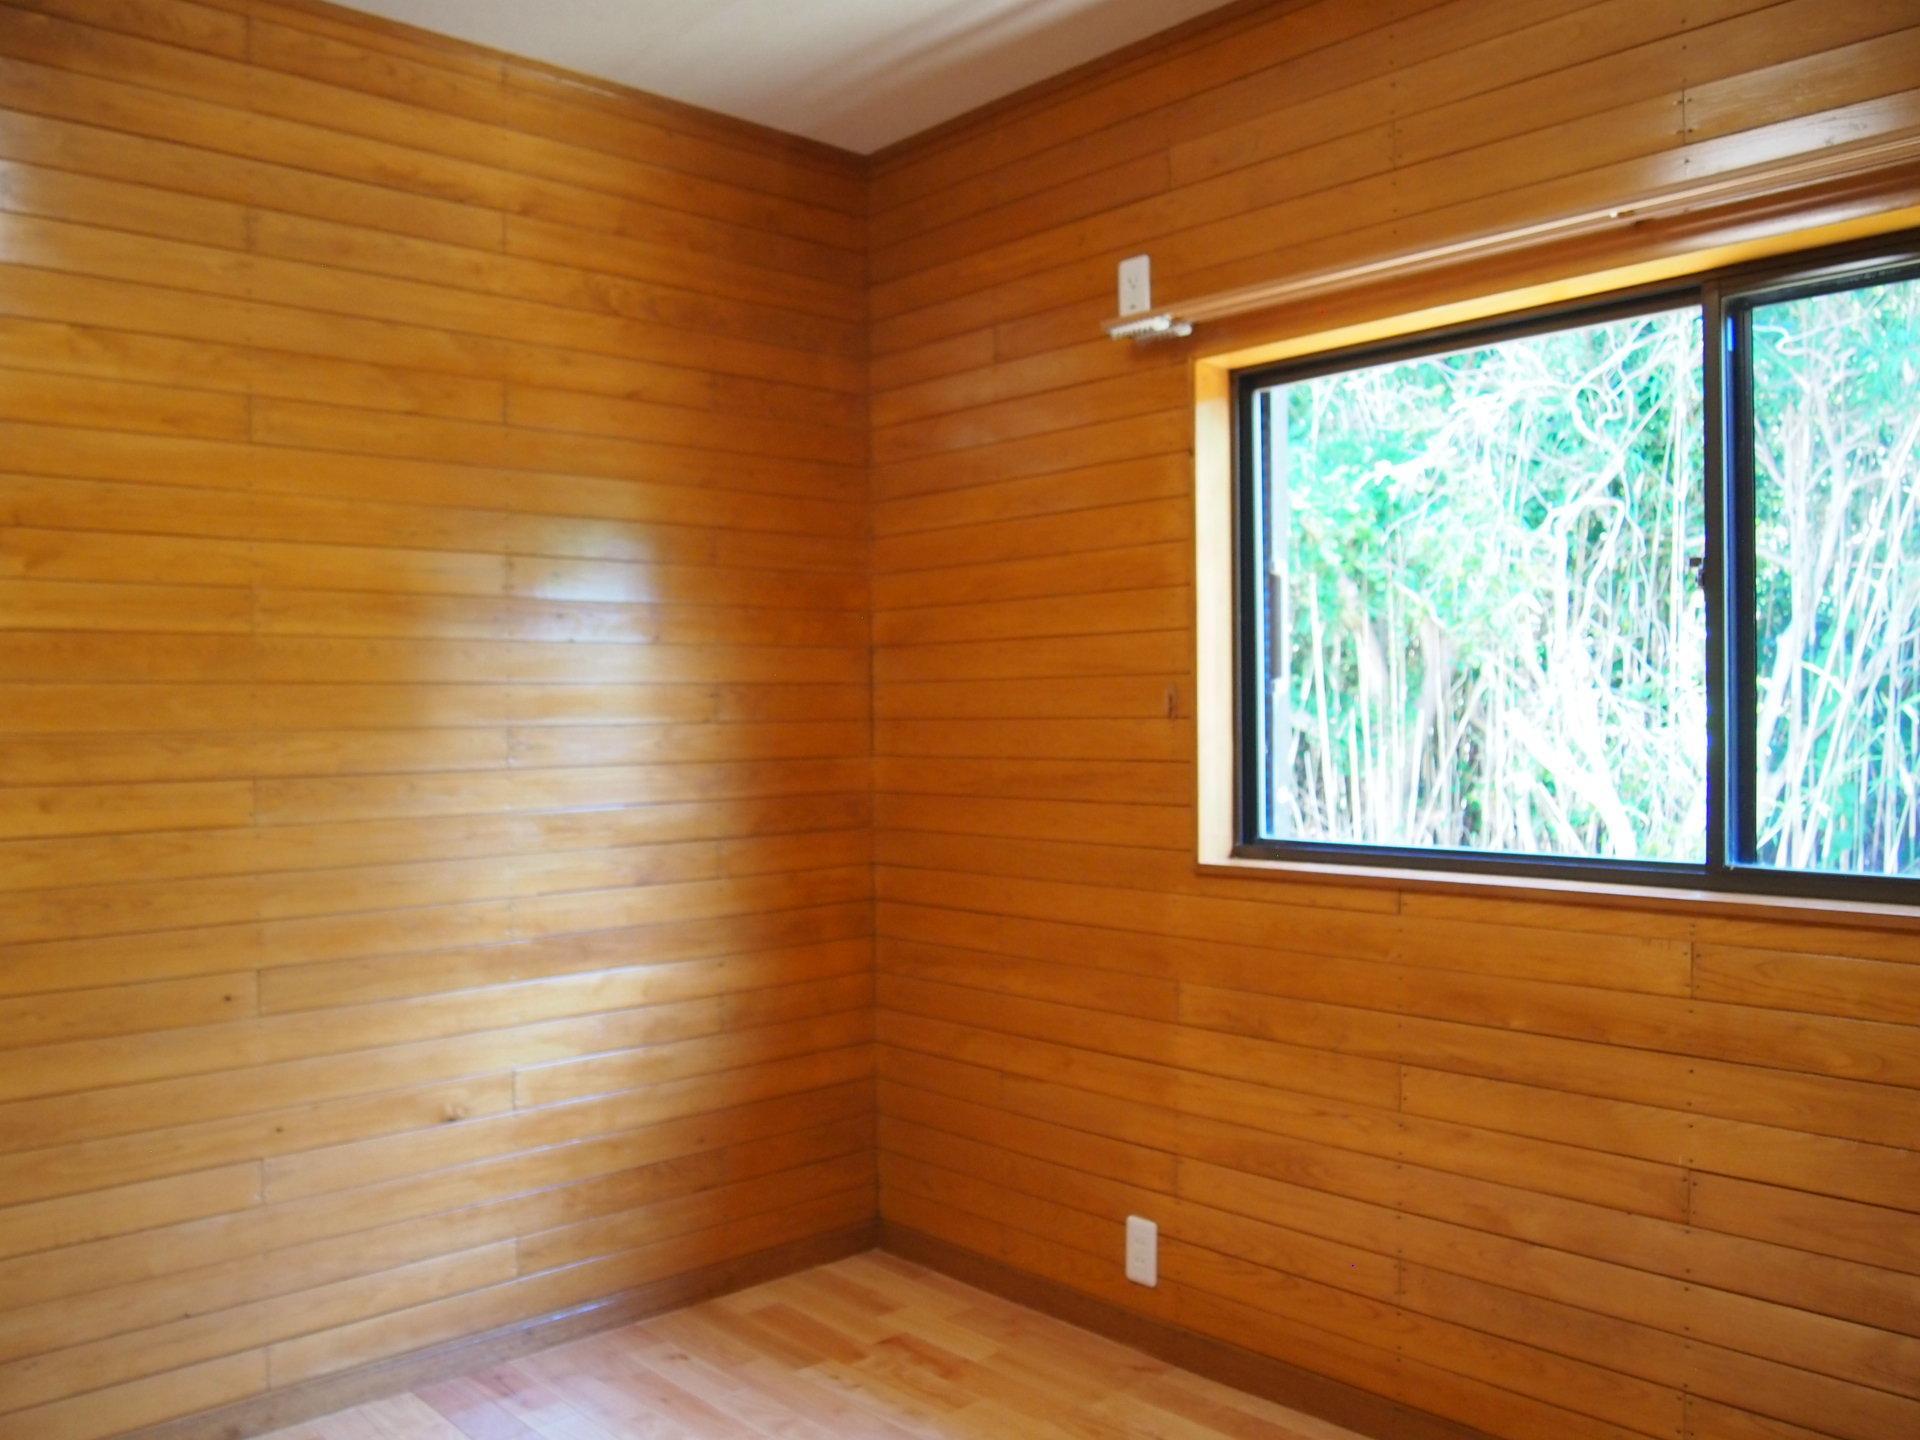 2階の洋室。窓向こうは海風をシャットアウトする竹林。